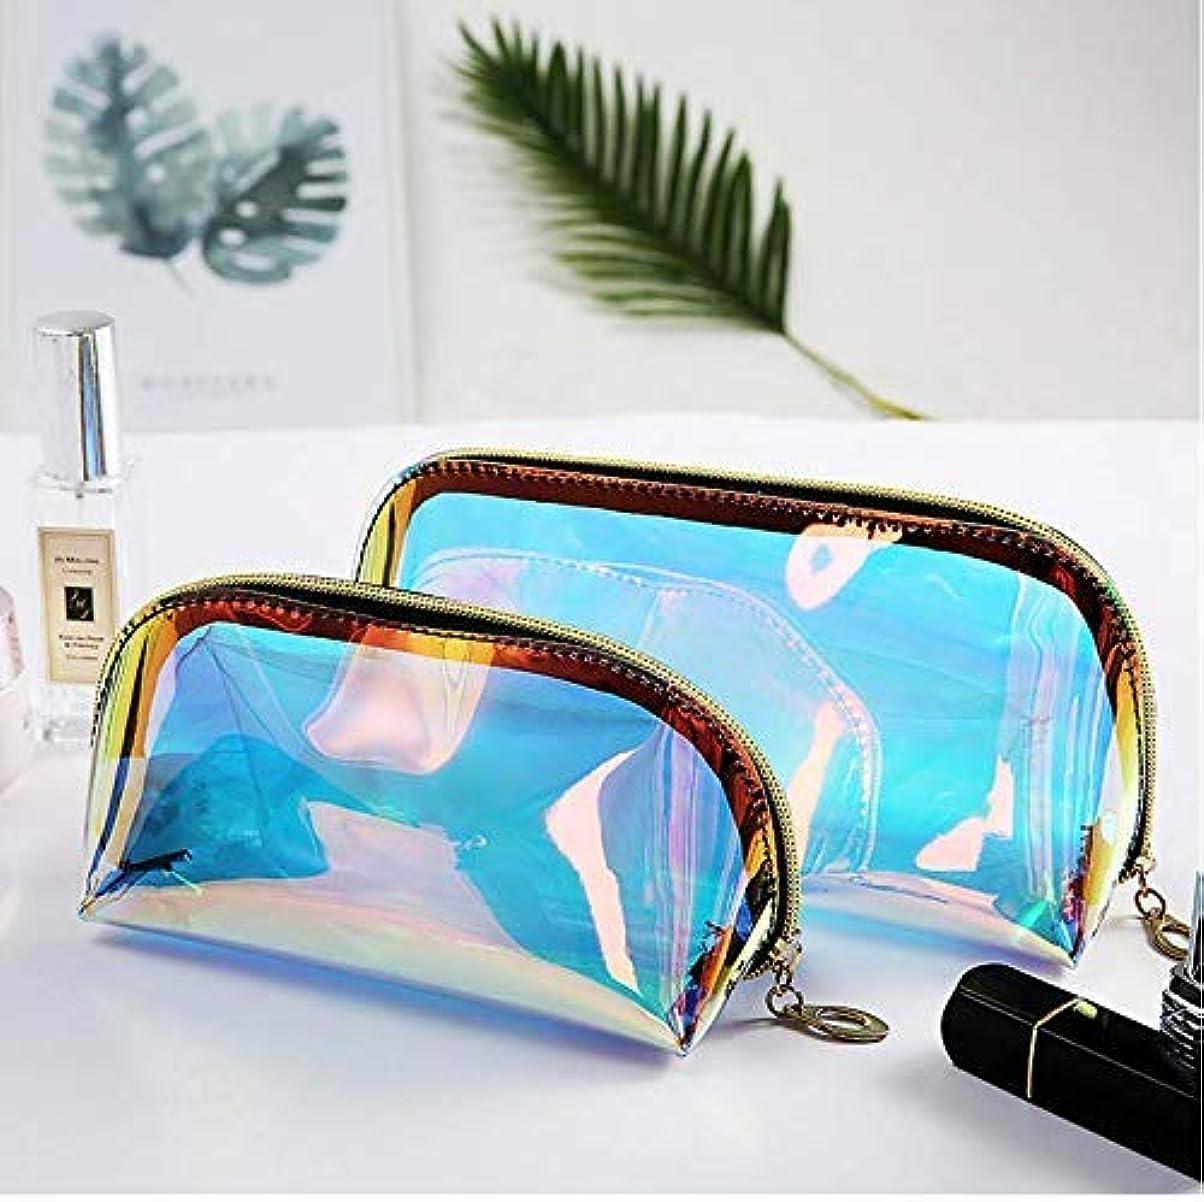 YiTongの2つのホログラフィックメイクアップバッグ虹色の化粧品ケースホログラムクラッチトイレタリーポーチハンディオーガナイザー透明な女性のイブニングバッグ(大小)